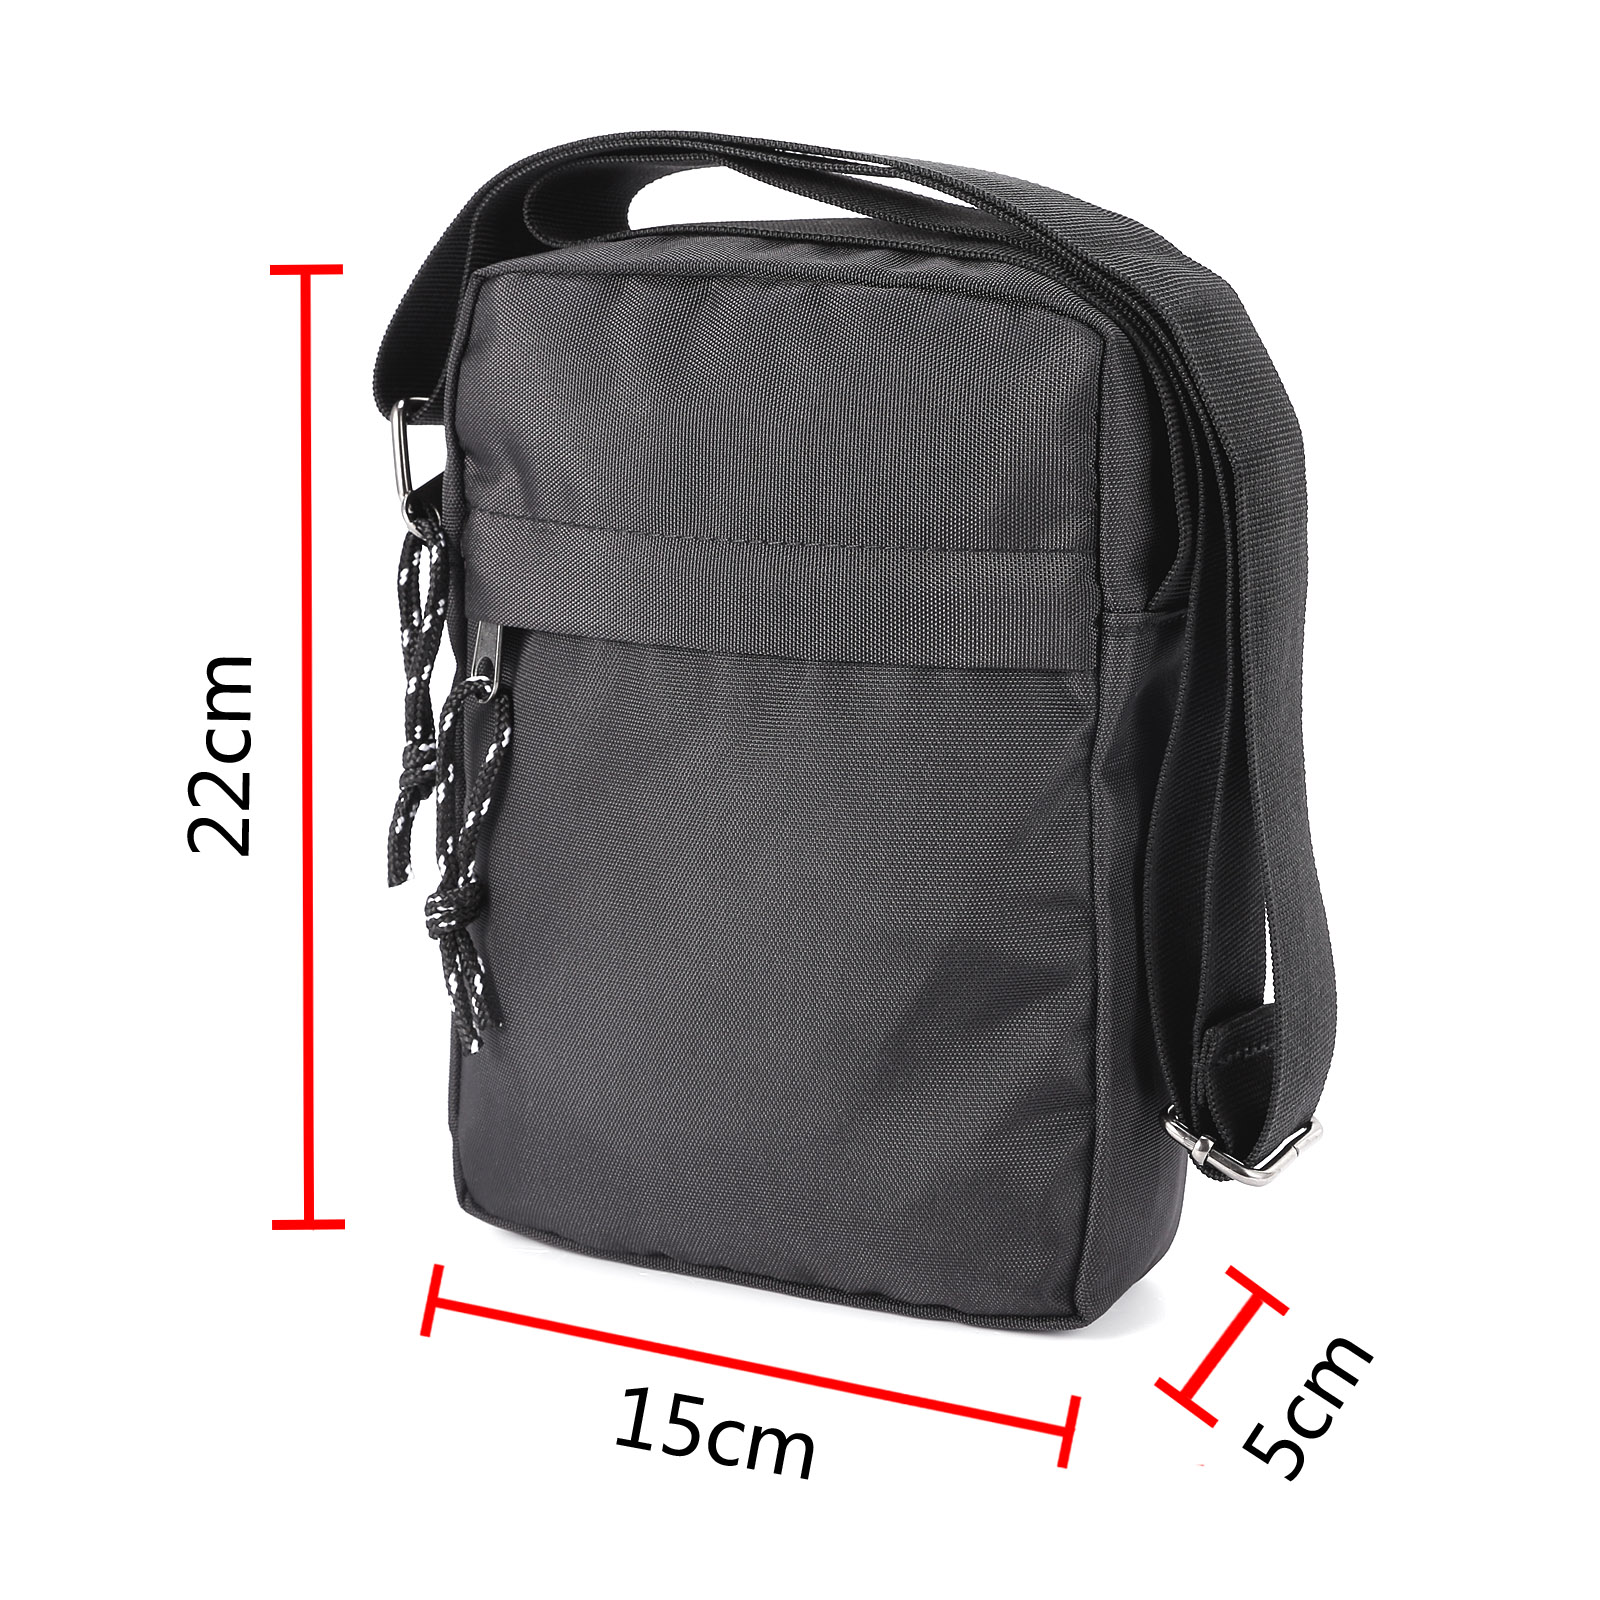 Cross body messenger bag